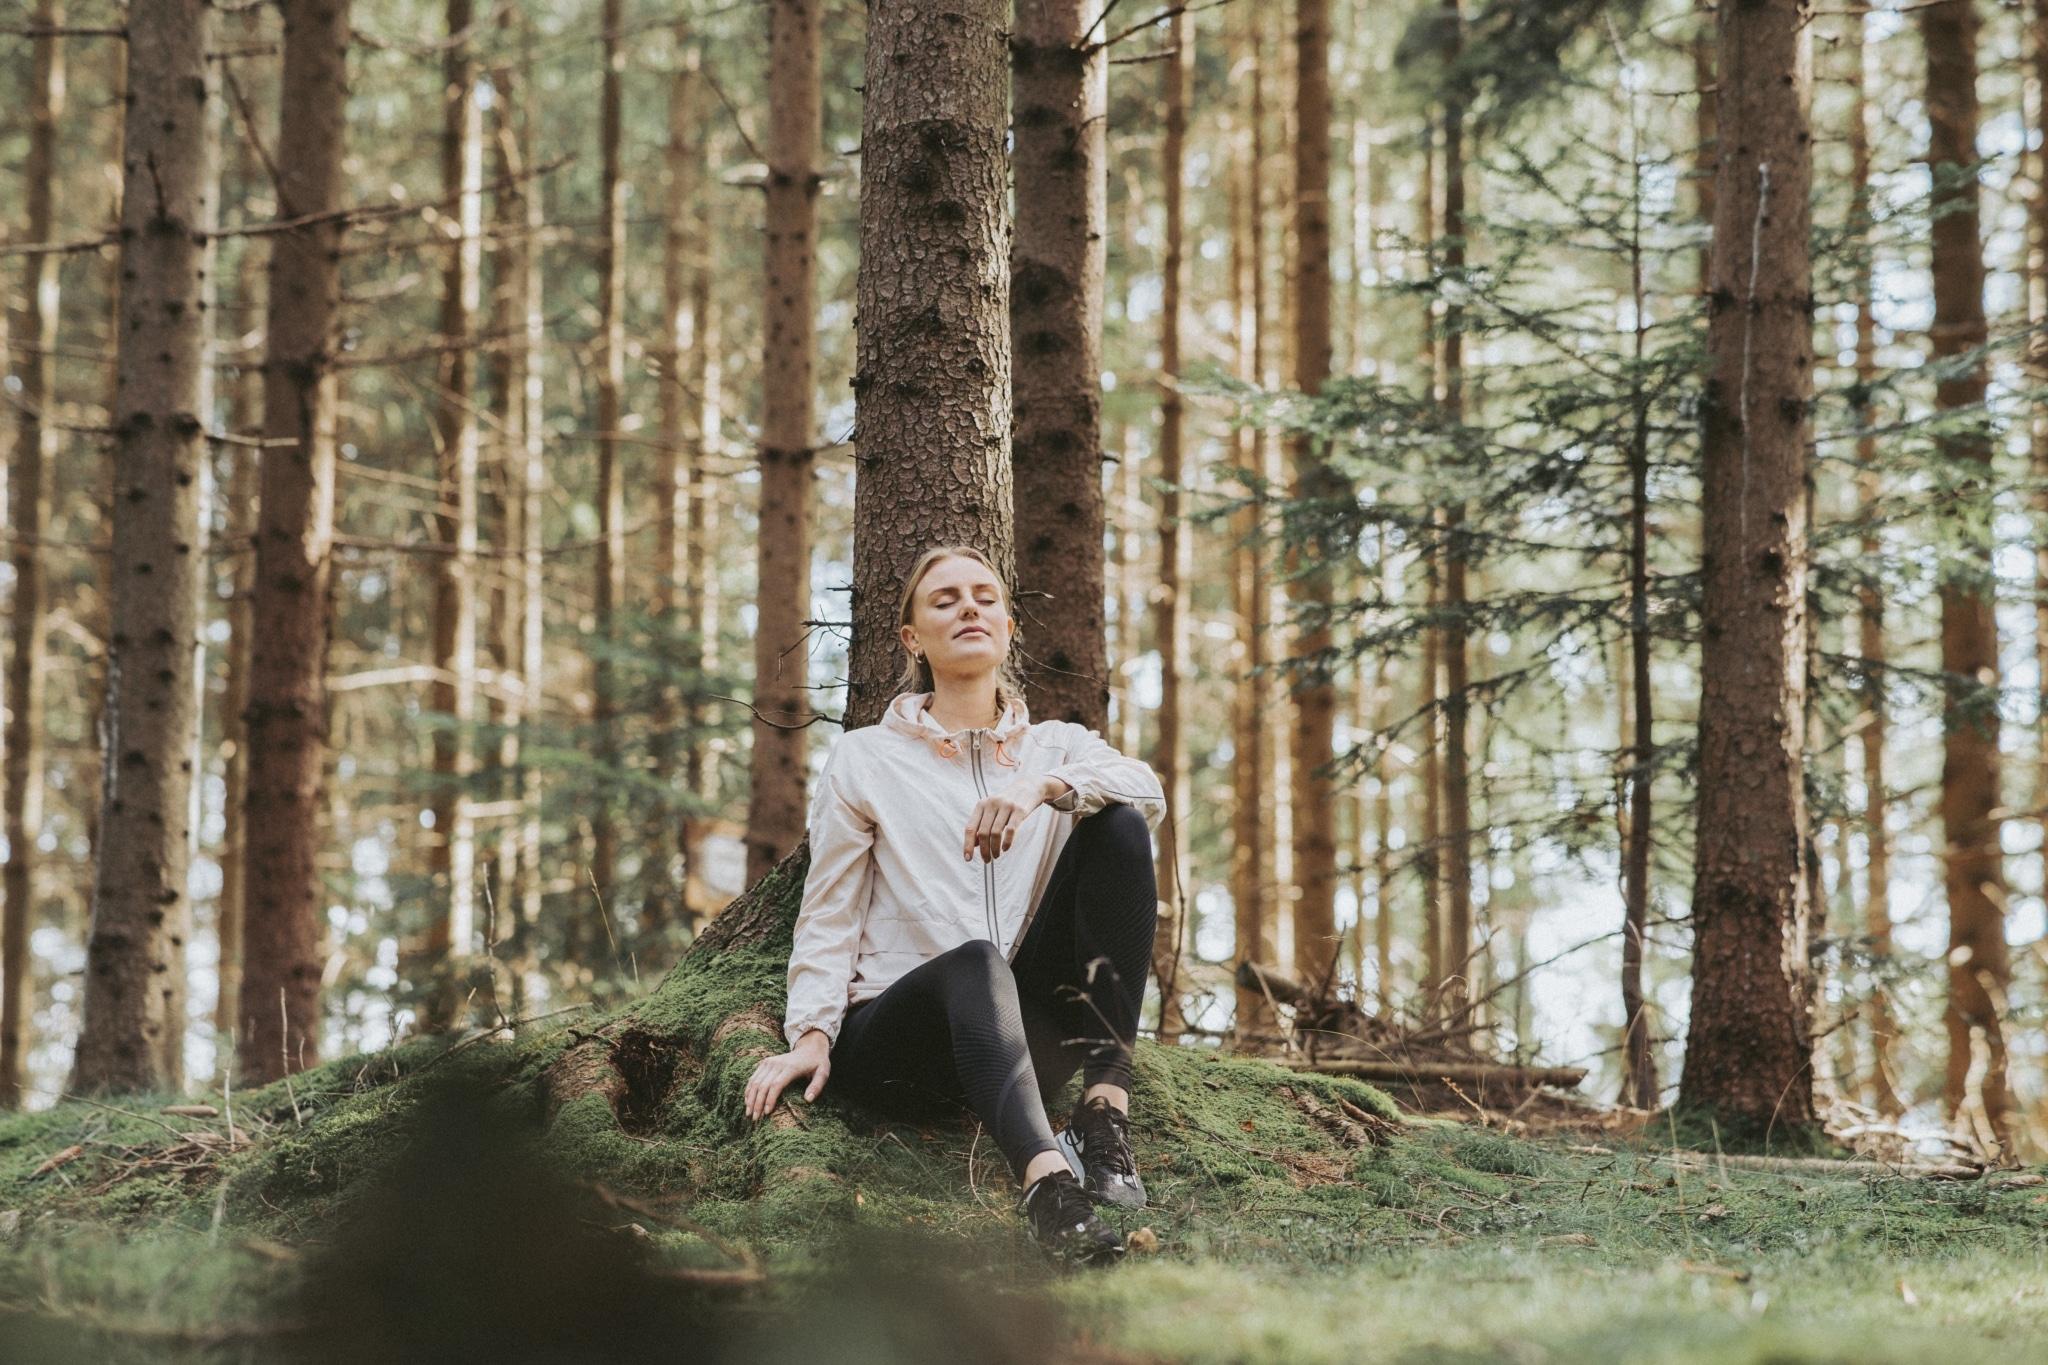 Frau entspannt im Wald